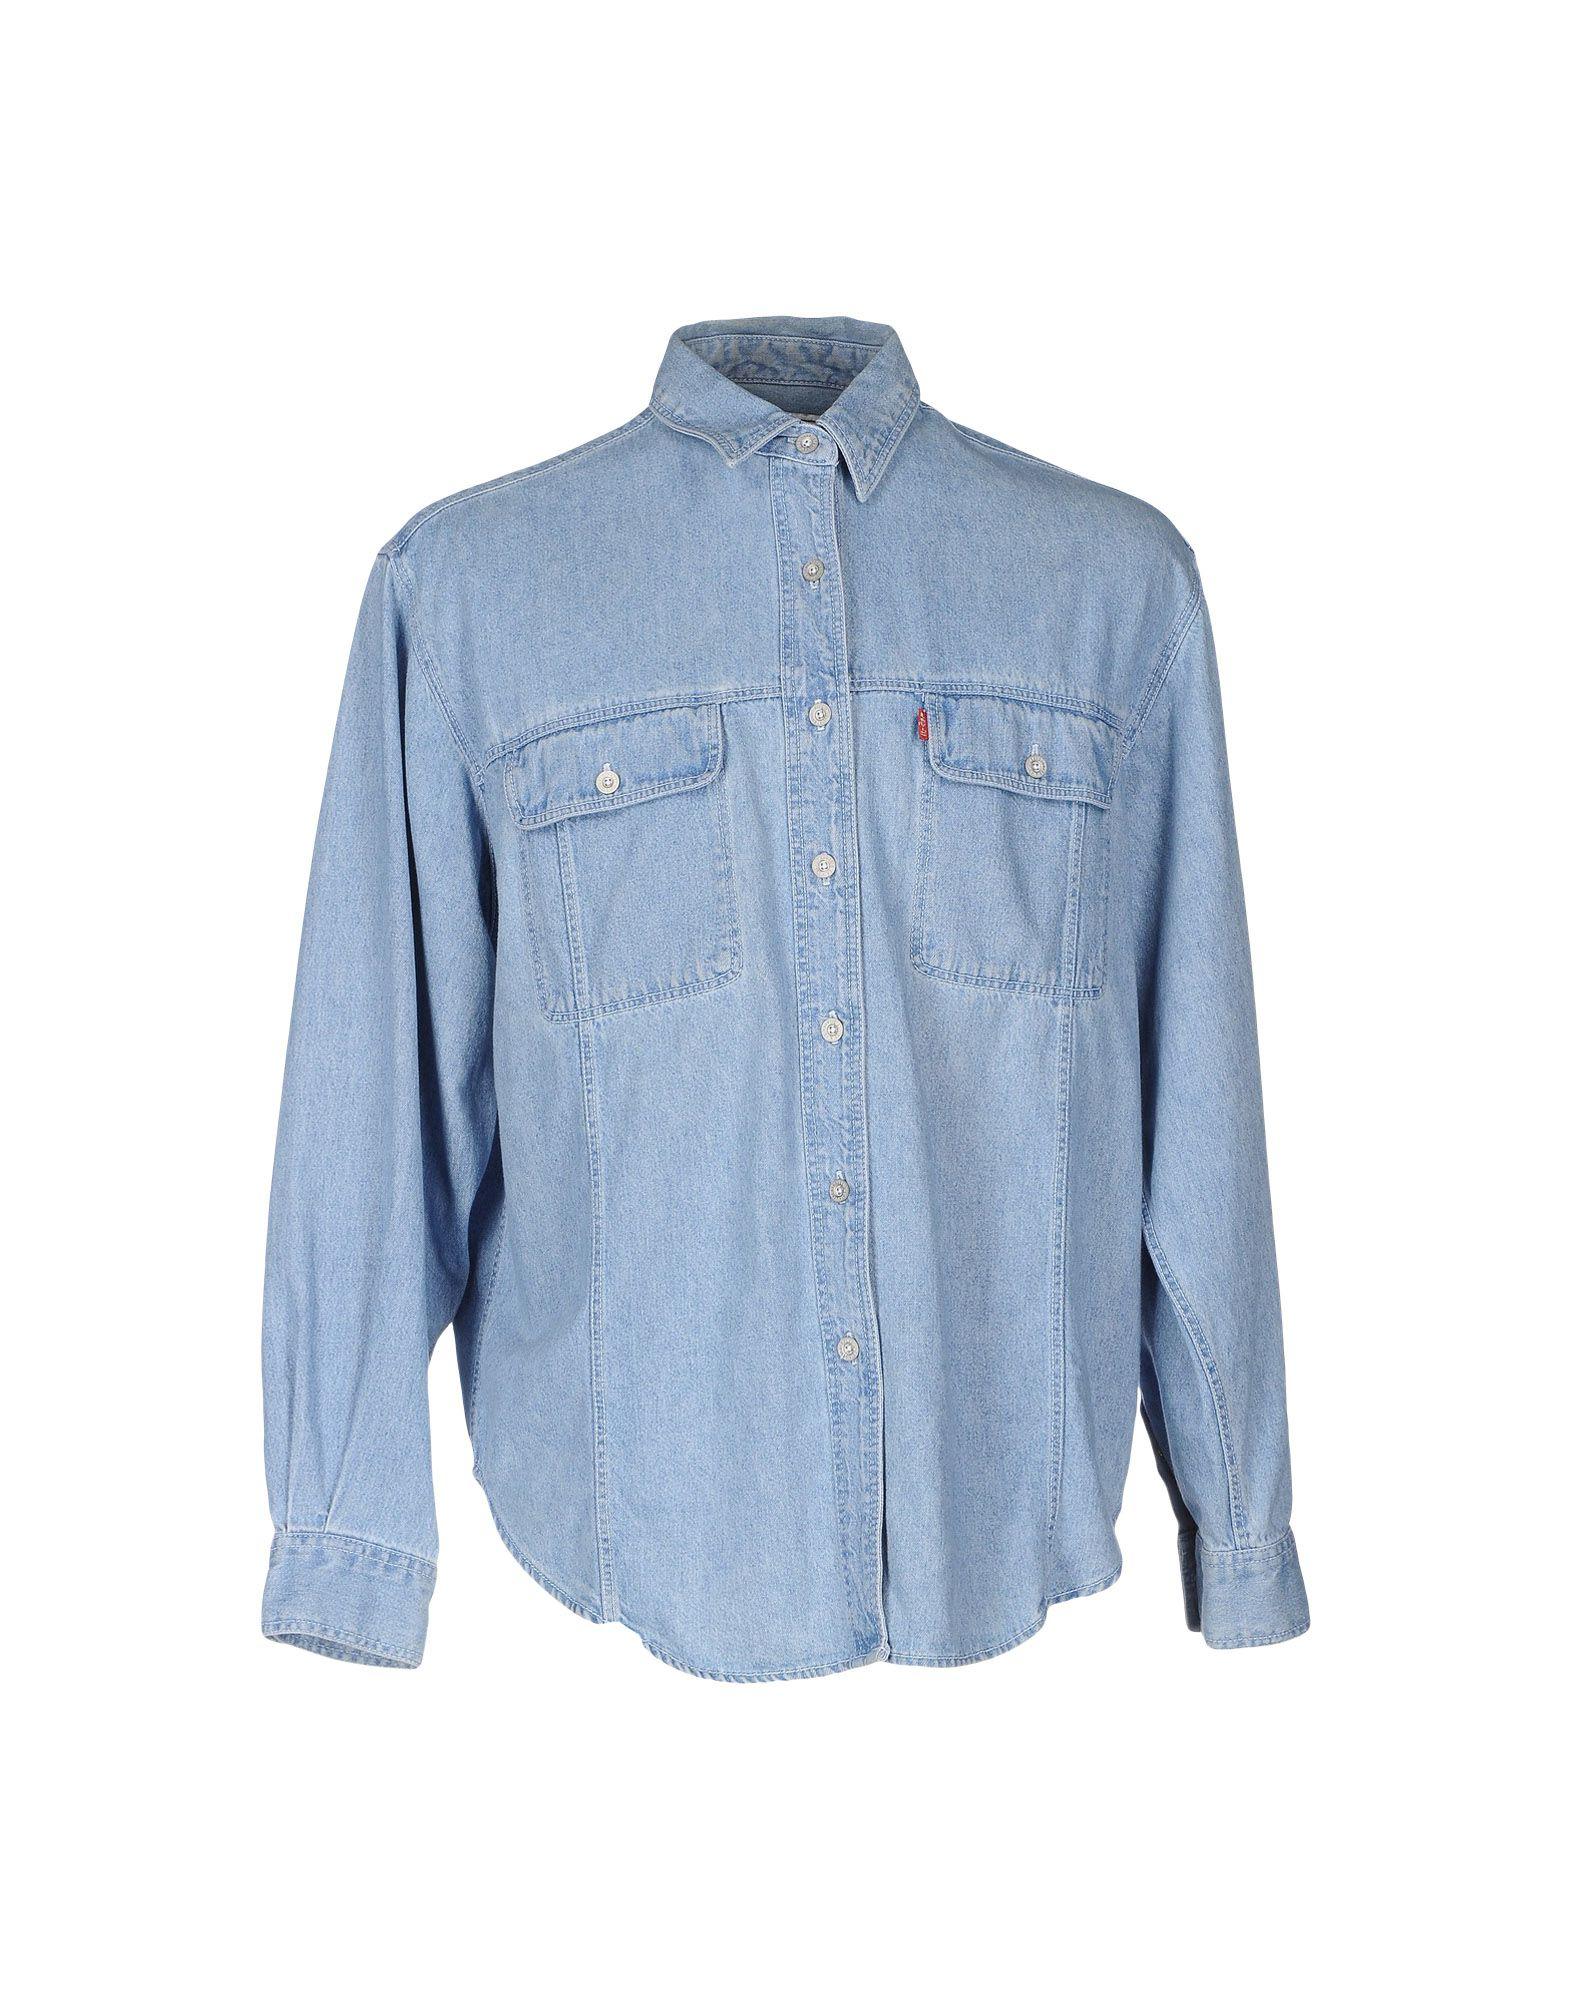 lyst levi 39 s denim shirt in blue for men. Black Bedroom Furniture Sets. Home Design Ideas